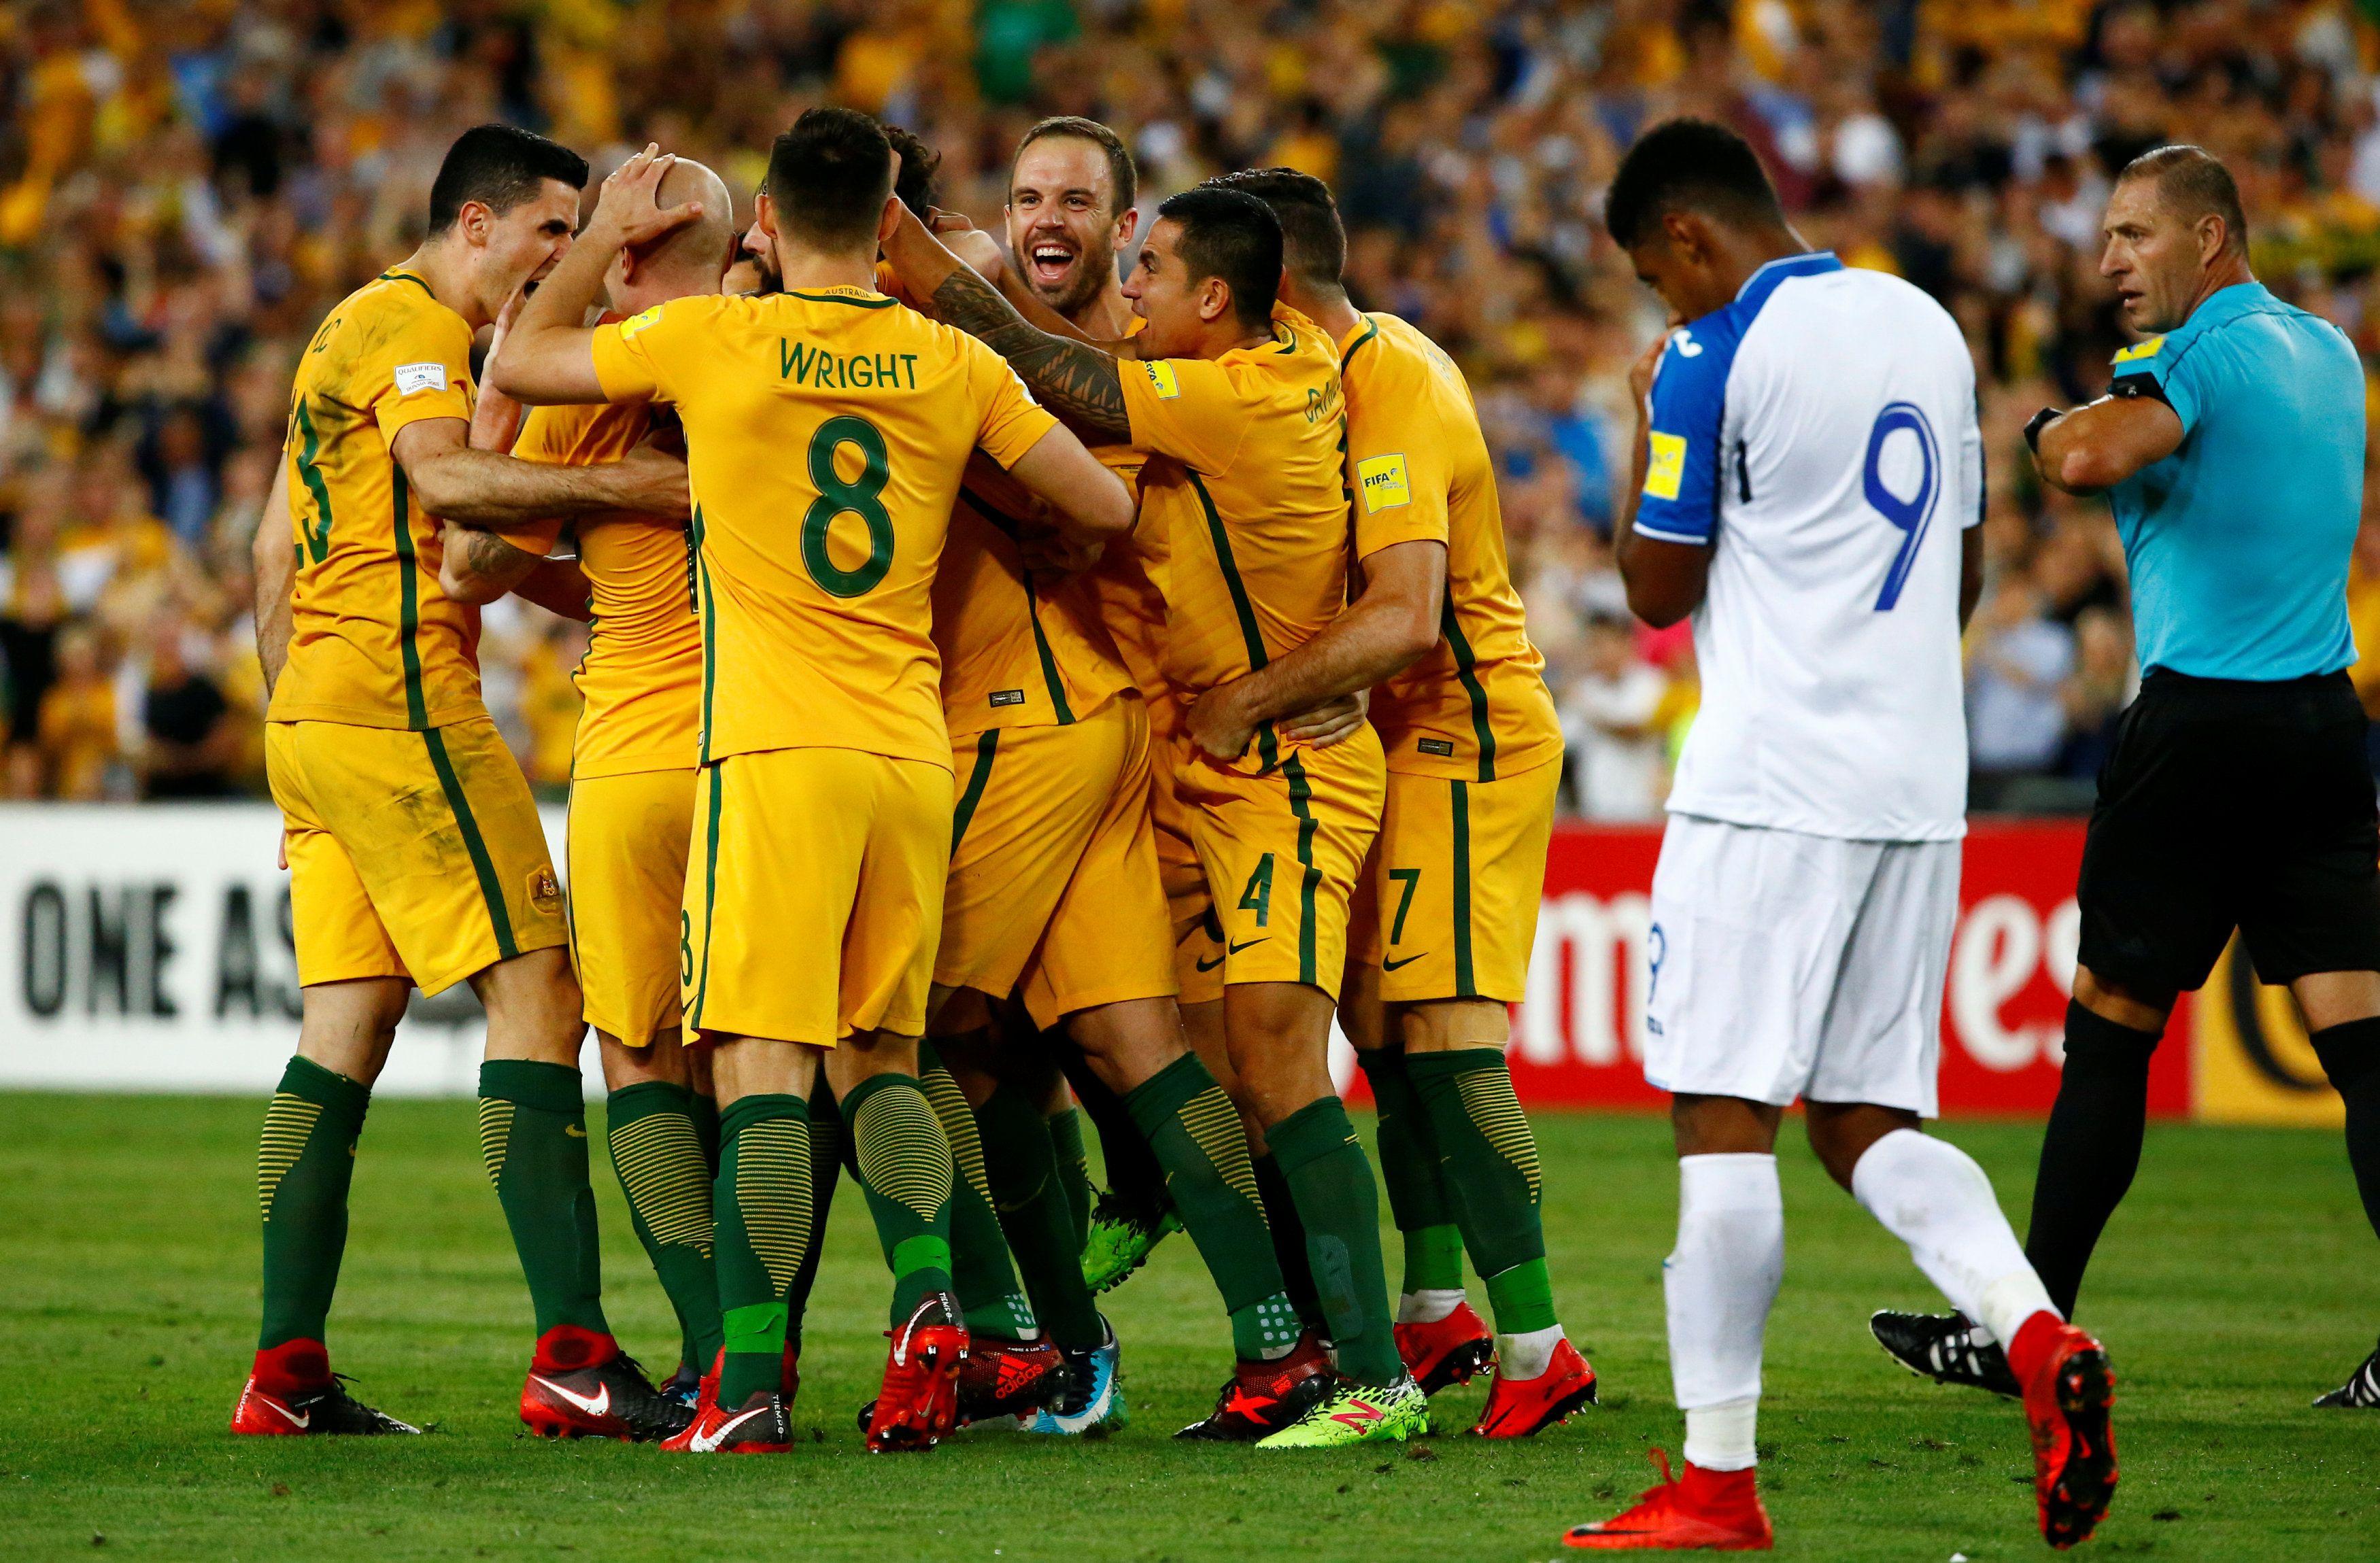 Premier adversaire des bleus au mondial l australie n a plus de s lectionneur russie 2018 - 1er coupe du monde de football ...